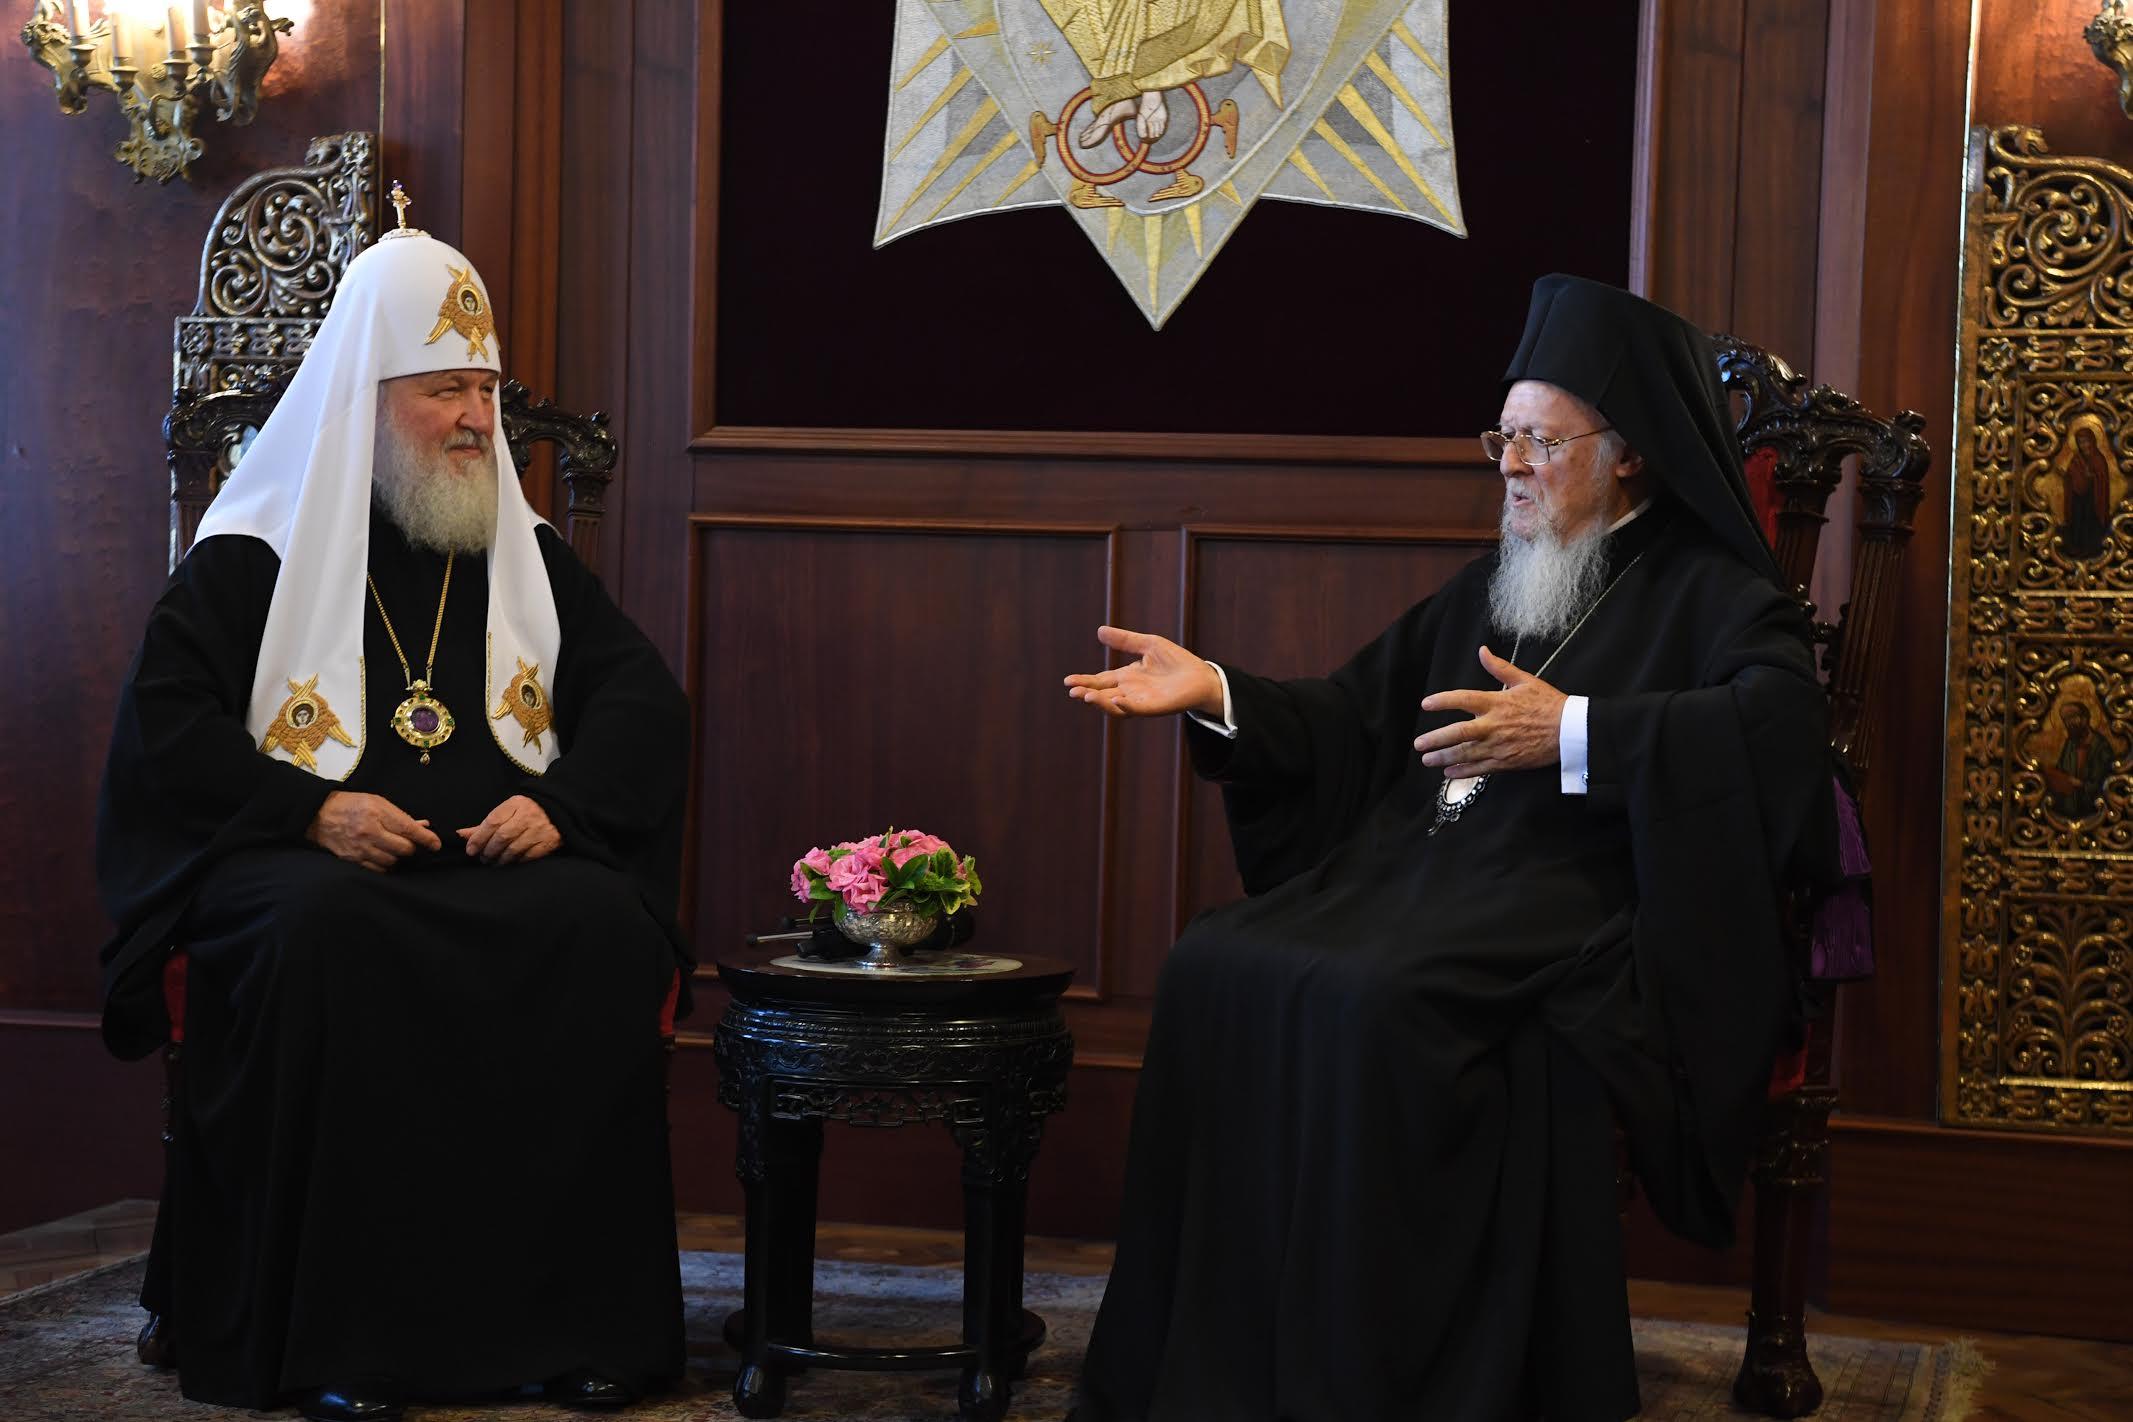 Επίσκεψη του Πατριάρχη Μόσχας στον Οικουμενικό Πατριάρχη Βαρθολομαίο